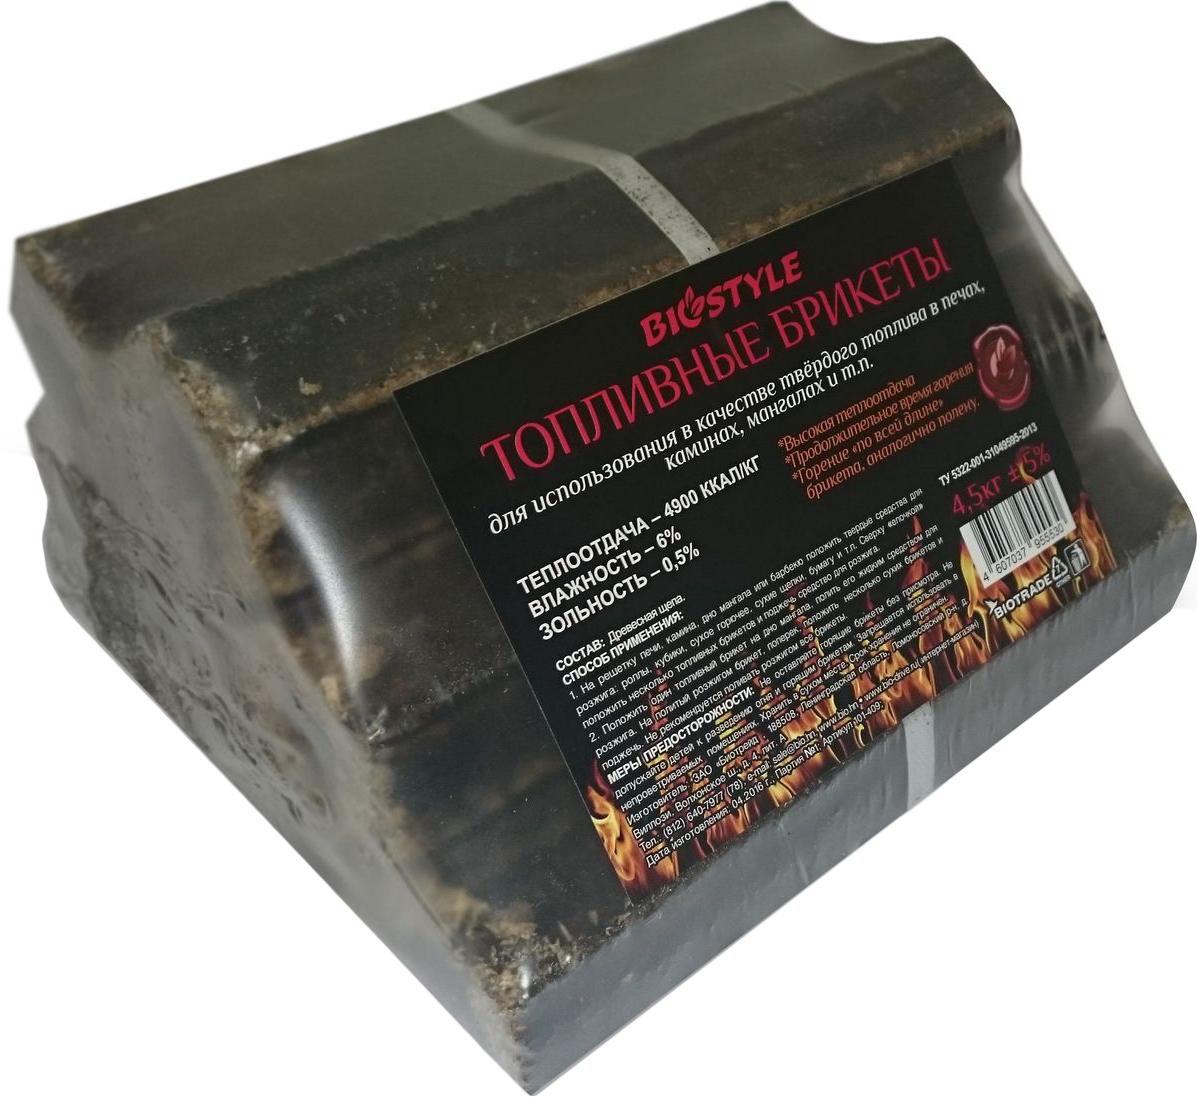 Брикеты для розжига Biostyle Piny Kay, топливные, 4,5 кг топливные котлы белорусского производства